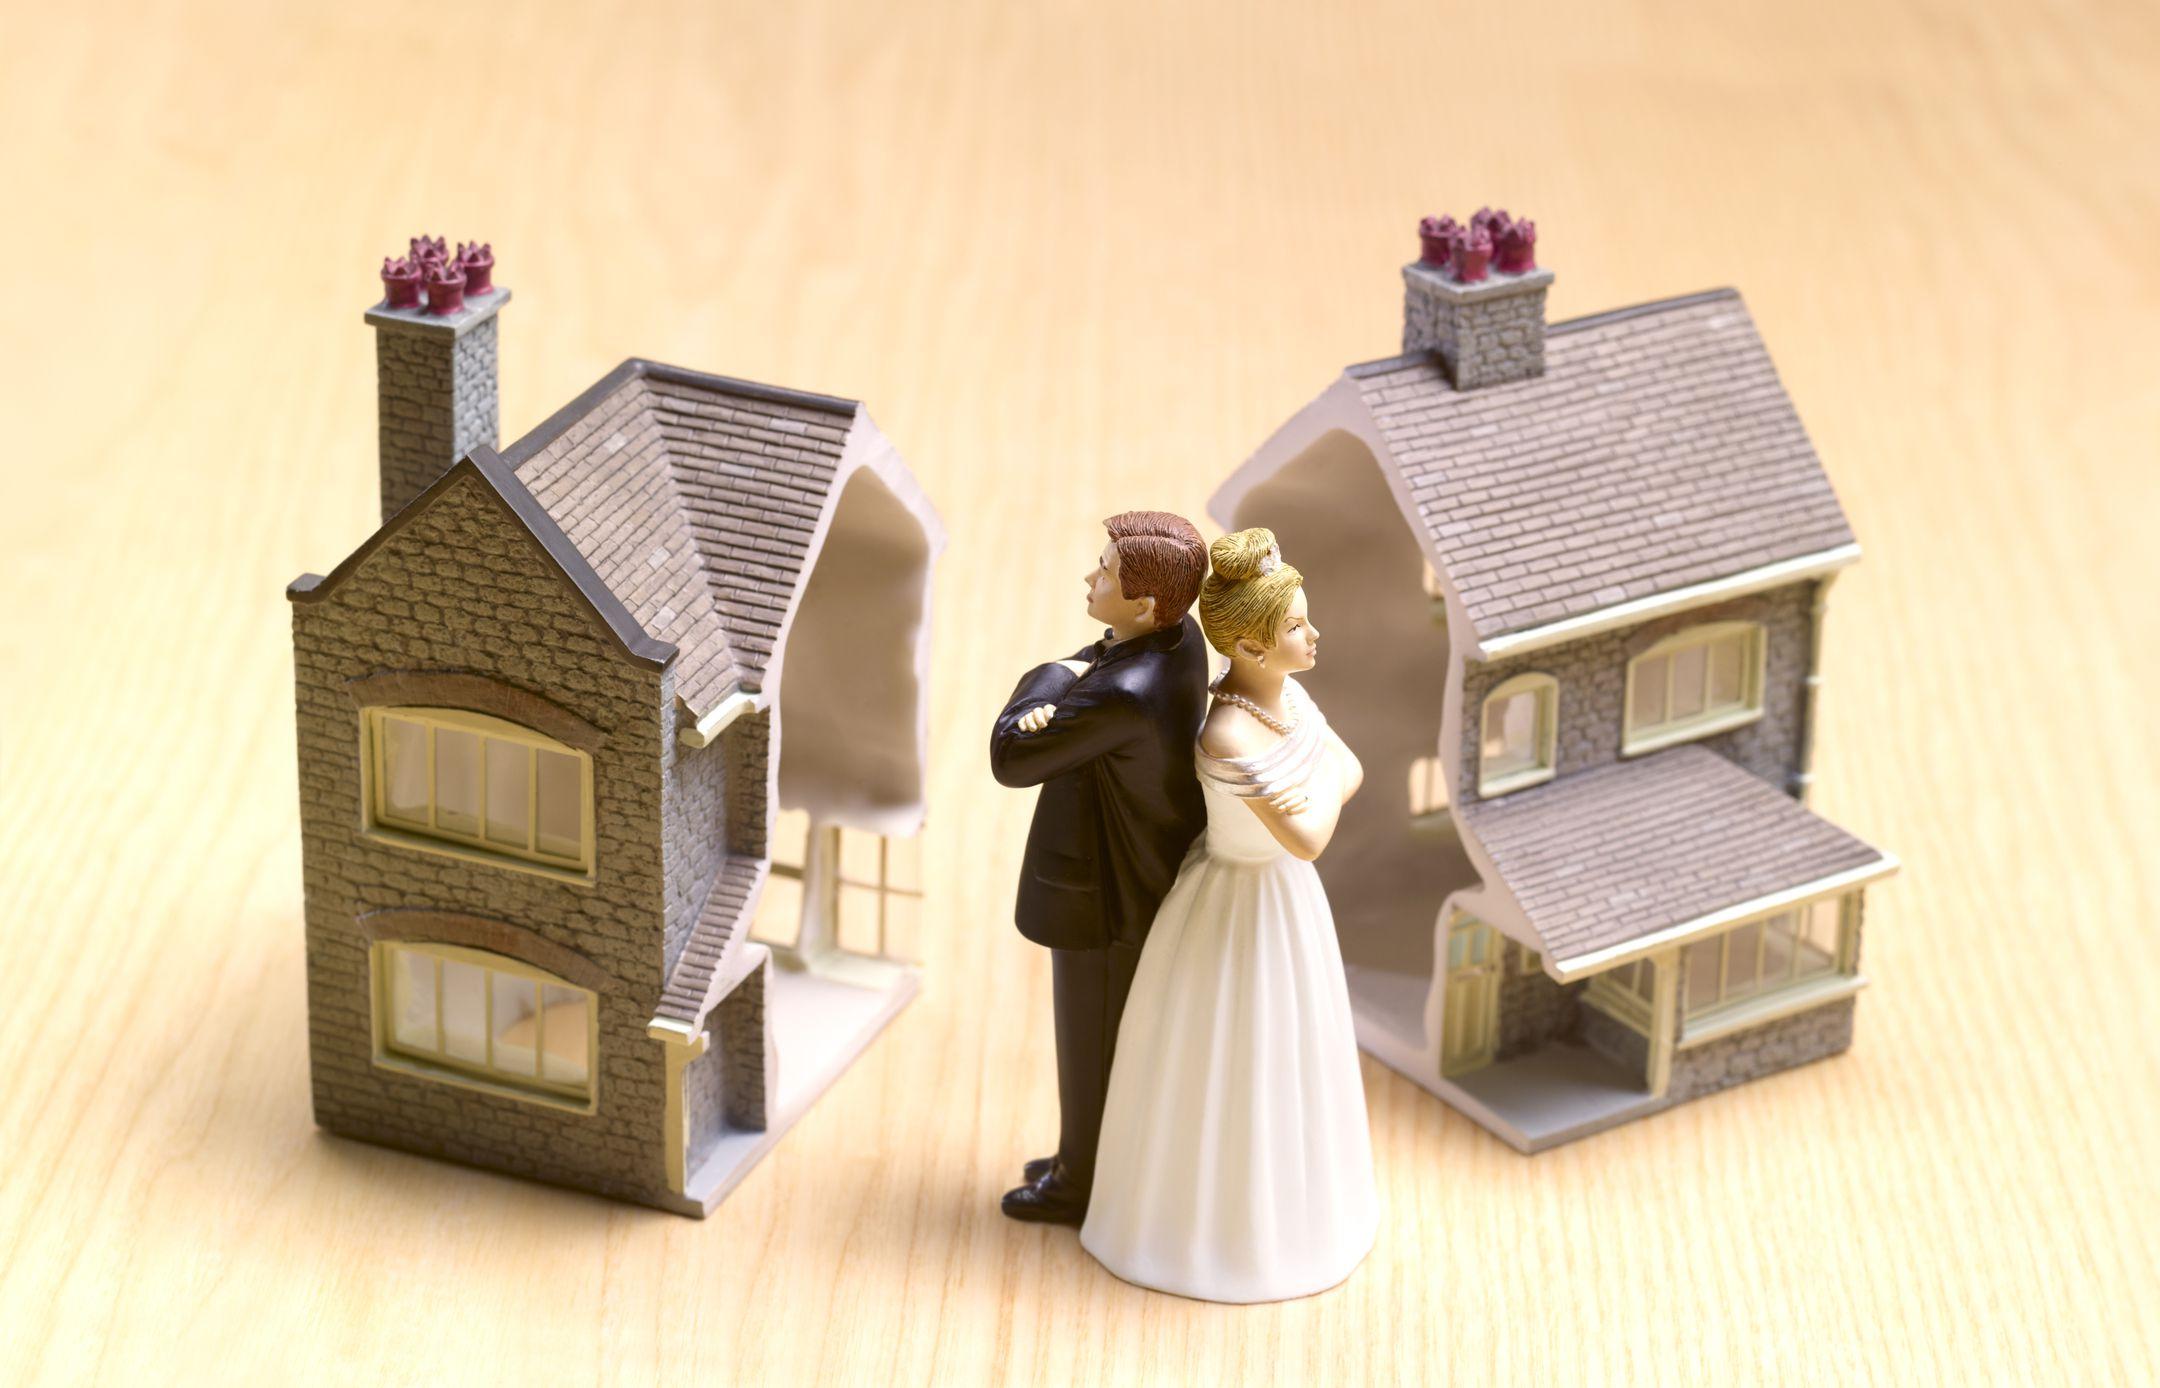 Совместно нажитое имущество при разводе супругов: что делится, что нет